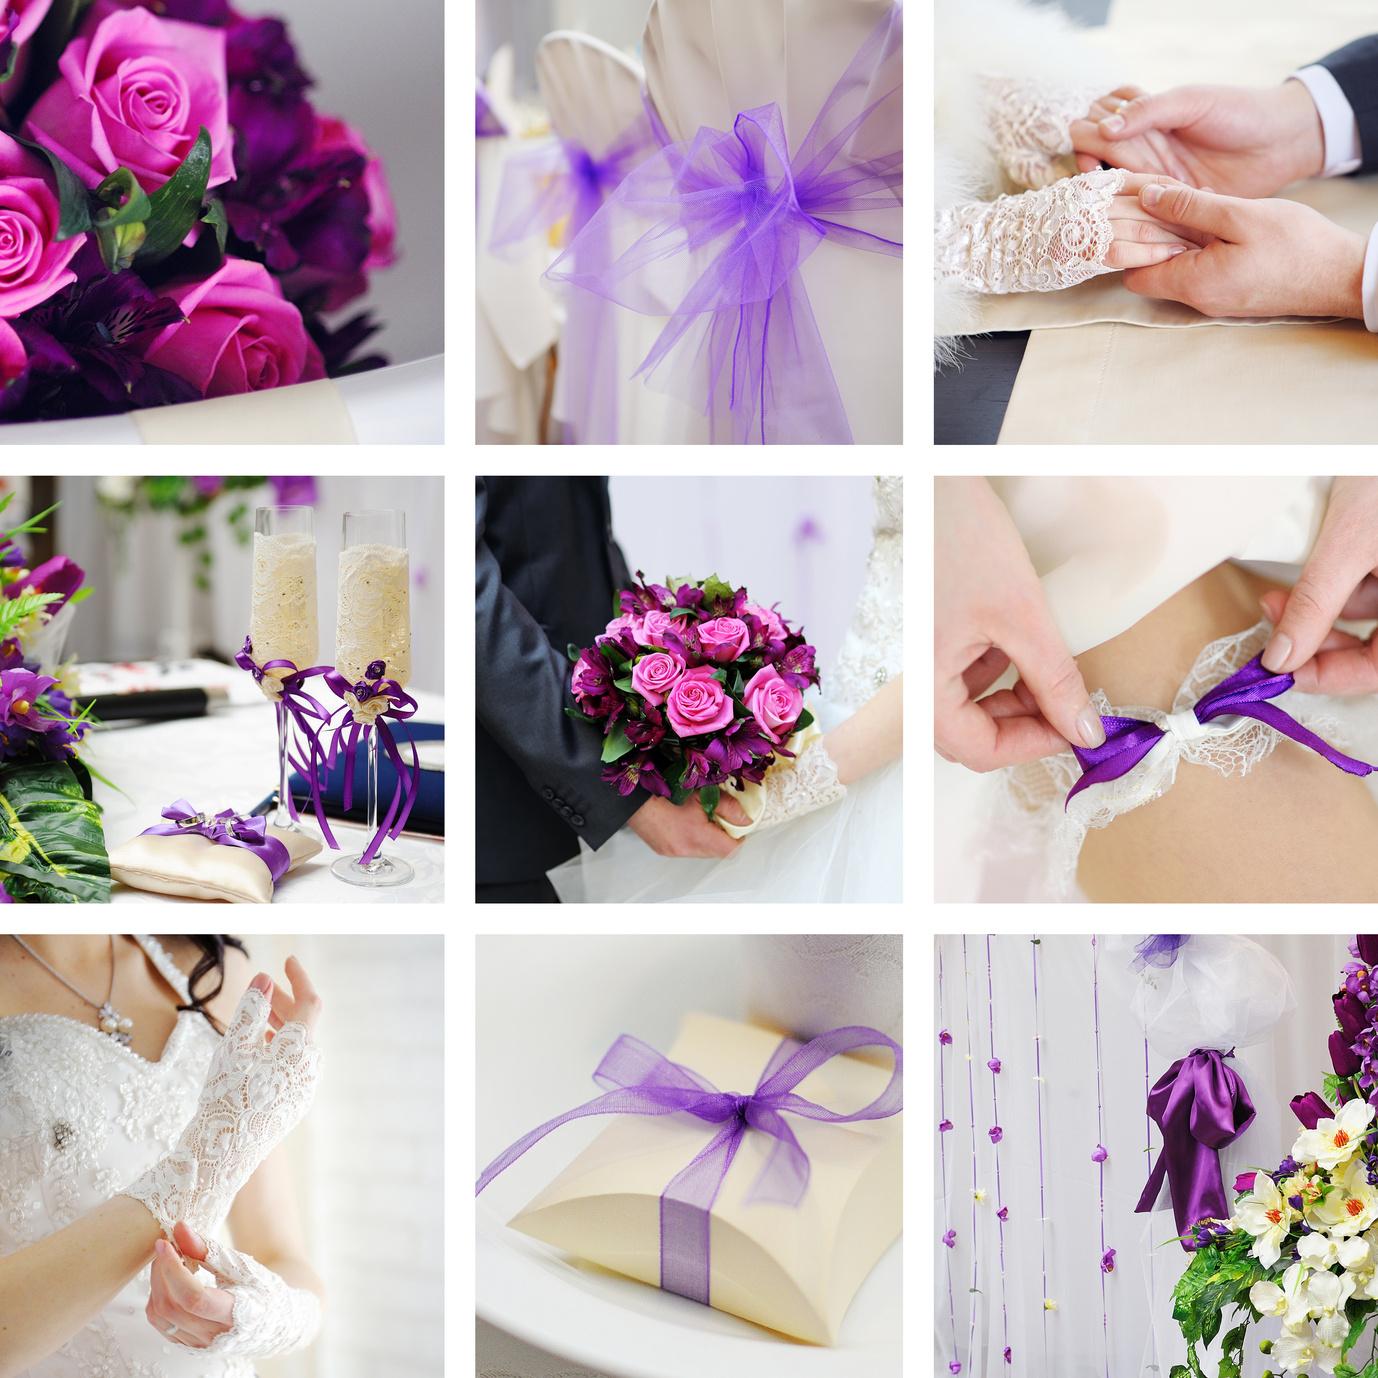 Hochzeit Purpurviolett Rosa